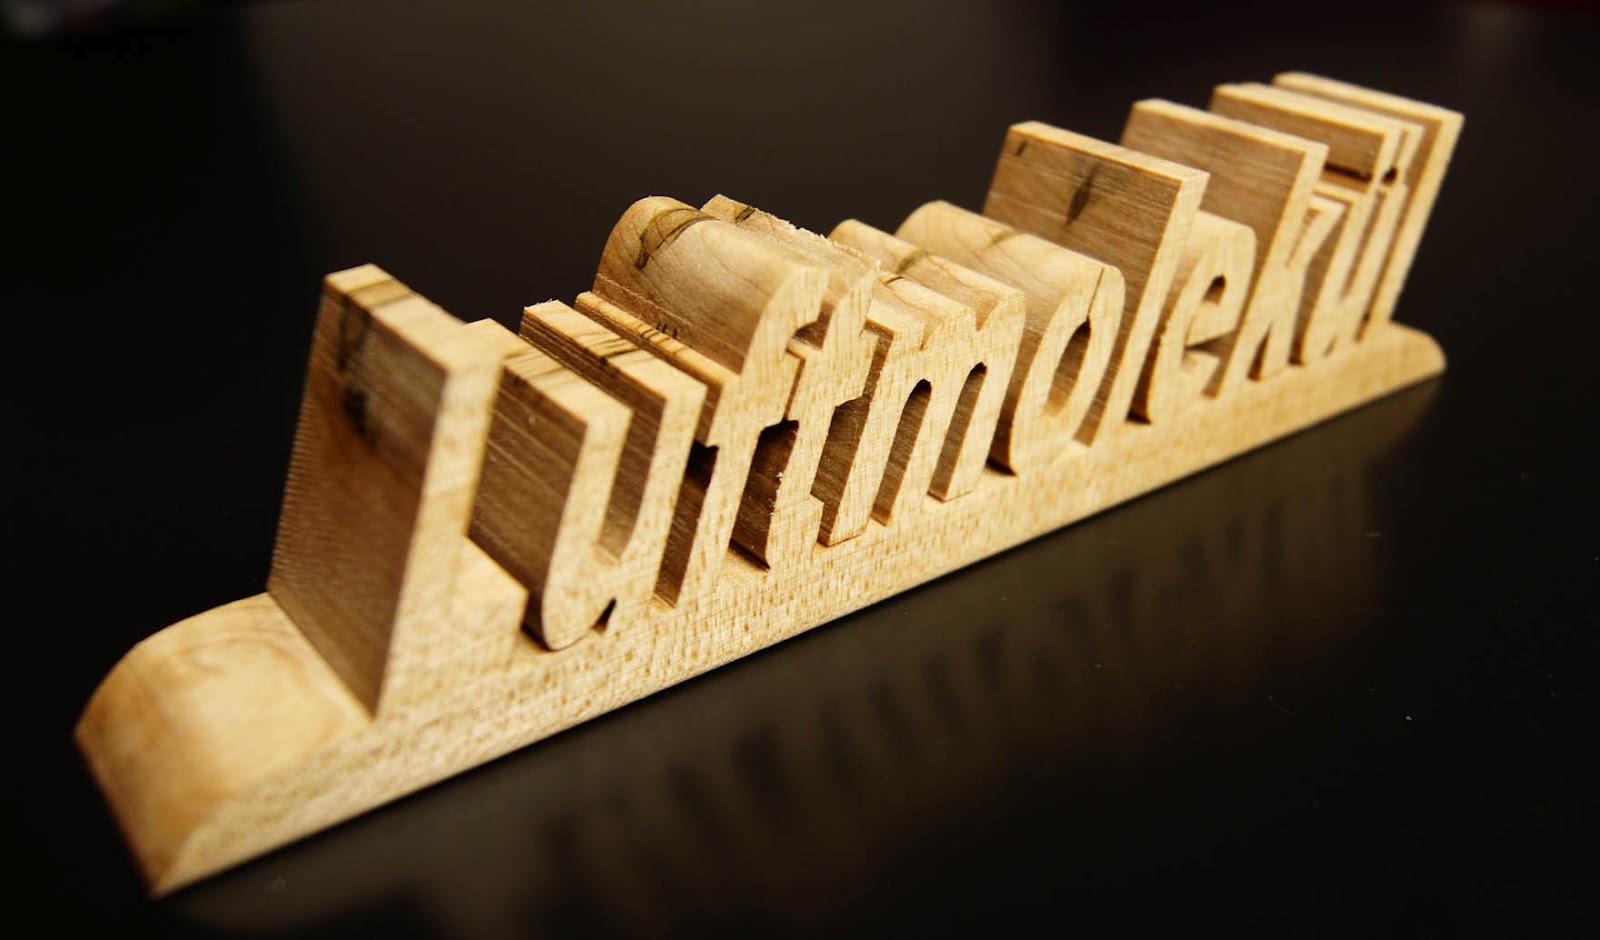 Schön Blickwert: Schon mal einen Namen in Holz schneiden lassen? JV79